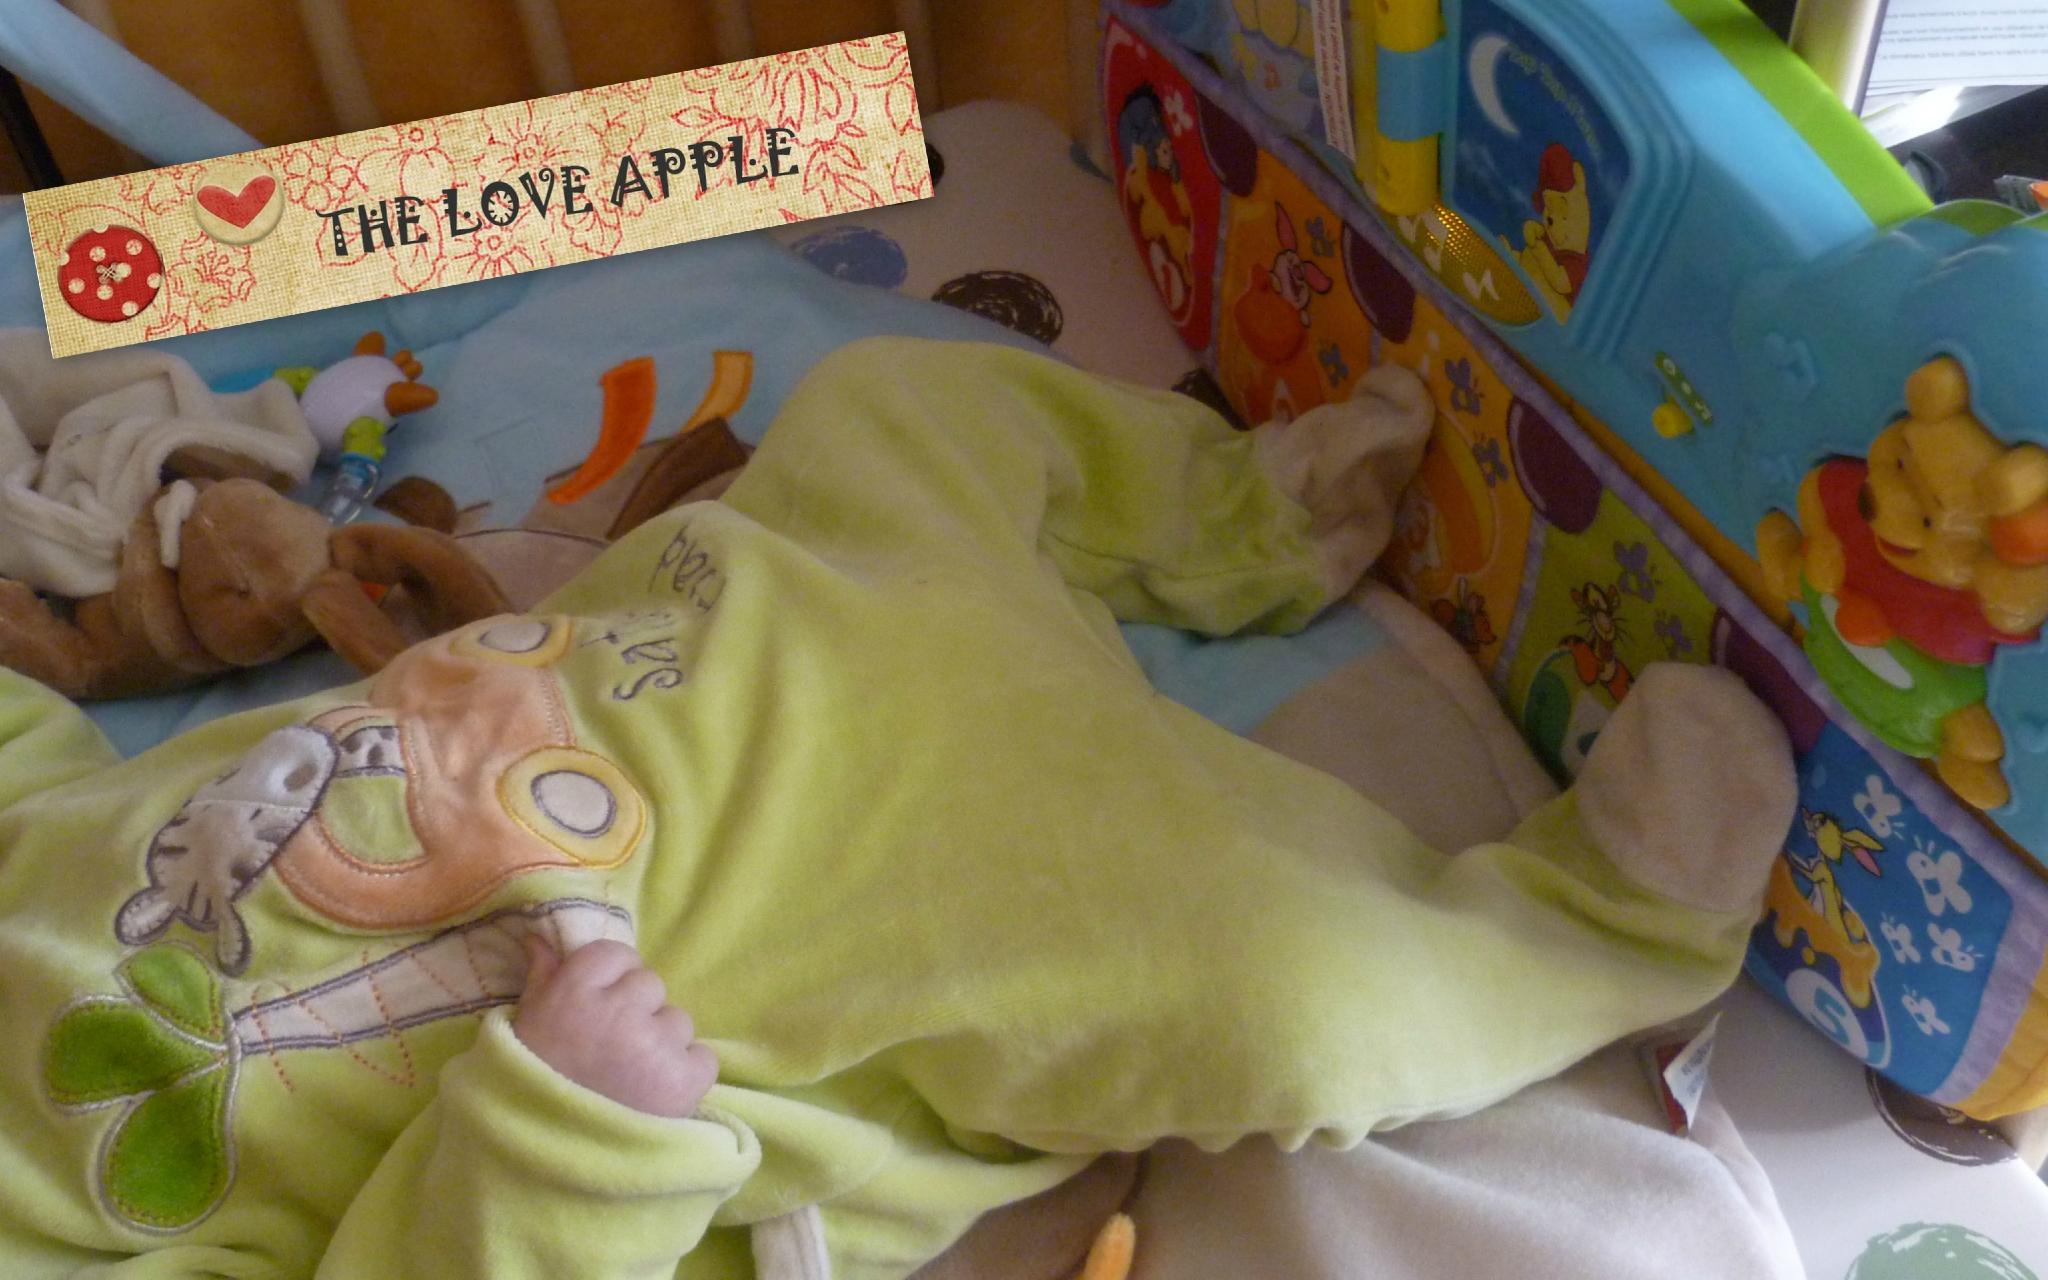 Jouet D Eveil Pour Bebe De 3 Mois - L'univers Du Bébé dedans Jeux D Eveil Bébé 2 Mois